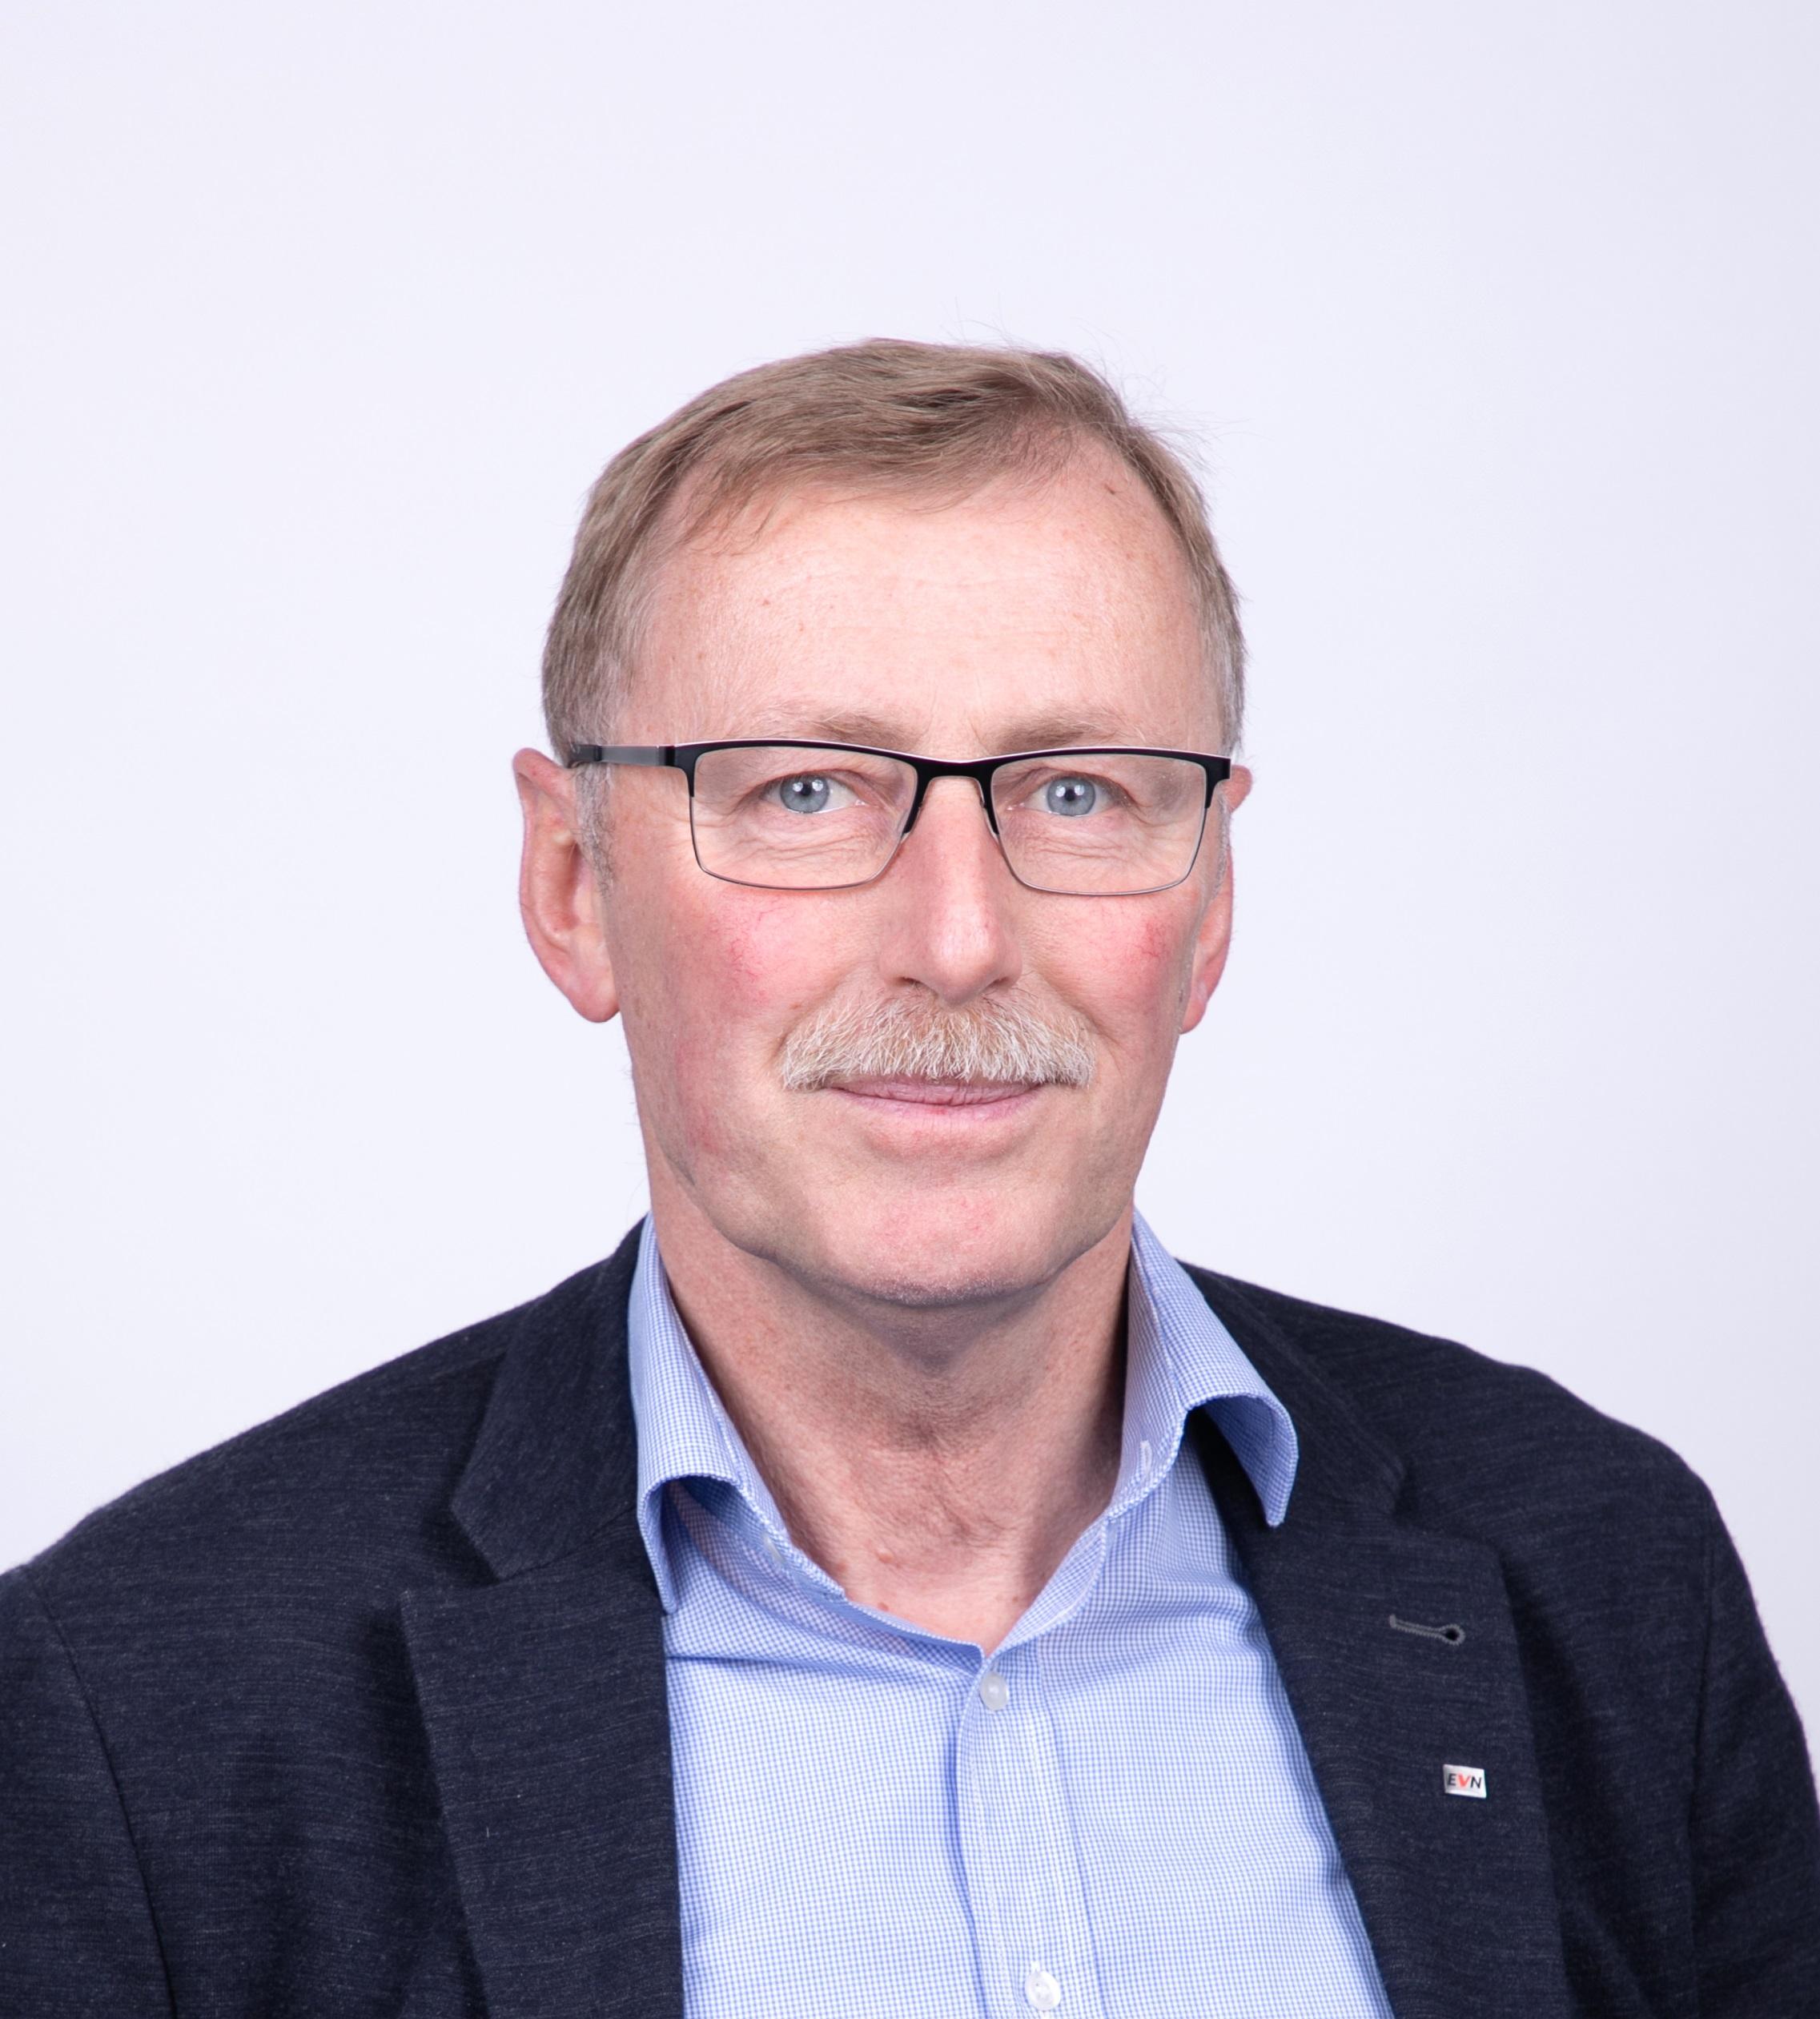 Friedrich Busslehner